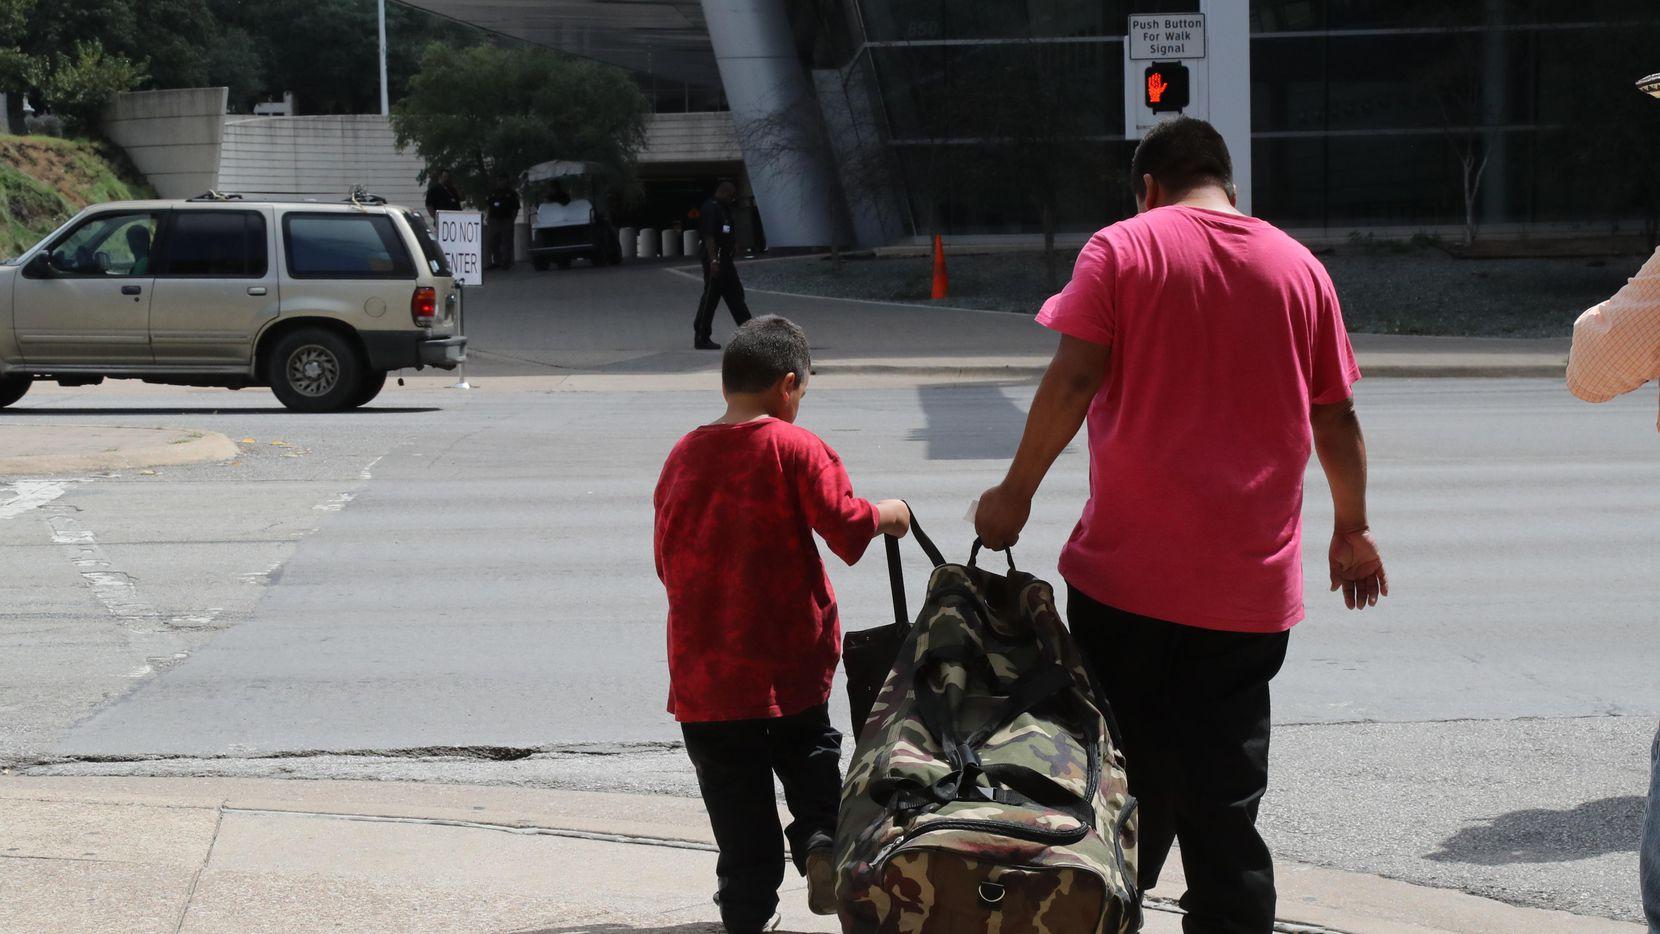 El consulado de México en Dallas busca instalar una casilla para ayudar a sus connacionales afectados por el huaracán Harvey.  ——-  El interior del megarefugio instaladao en el Centro de Convenciones de Dallas. (NYT  ——-  DMN/JIM WILSON  ——-  DIANNE SOLÍS)